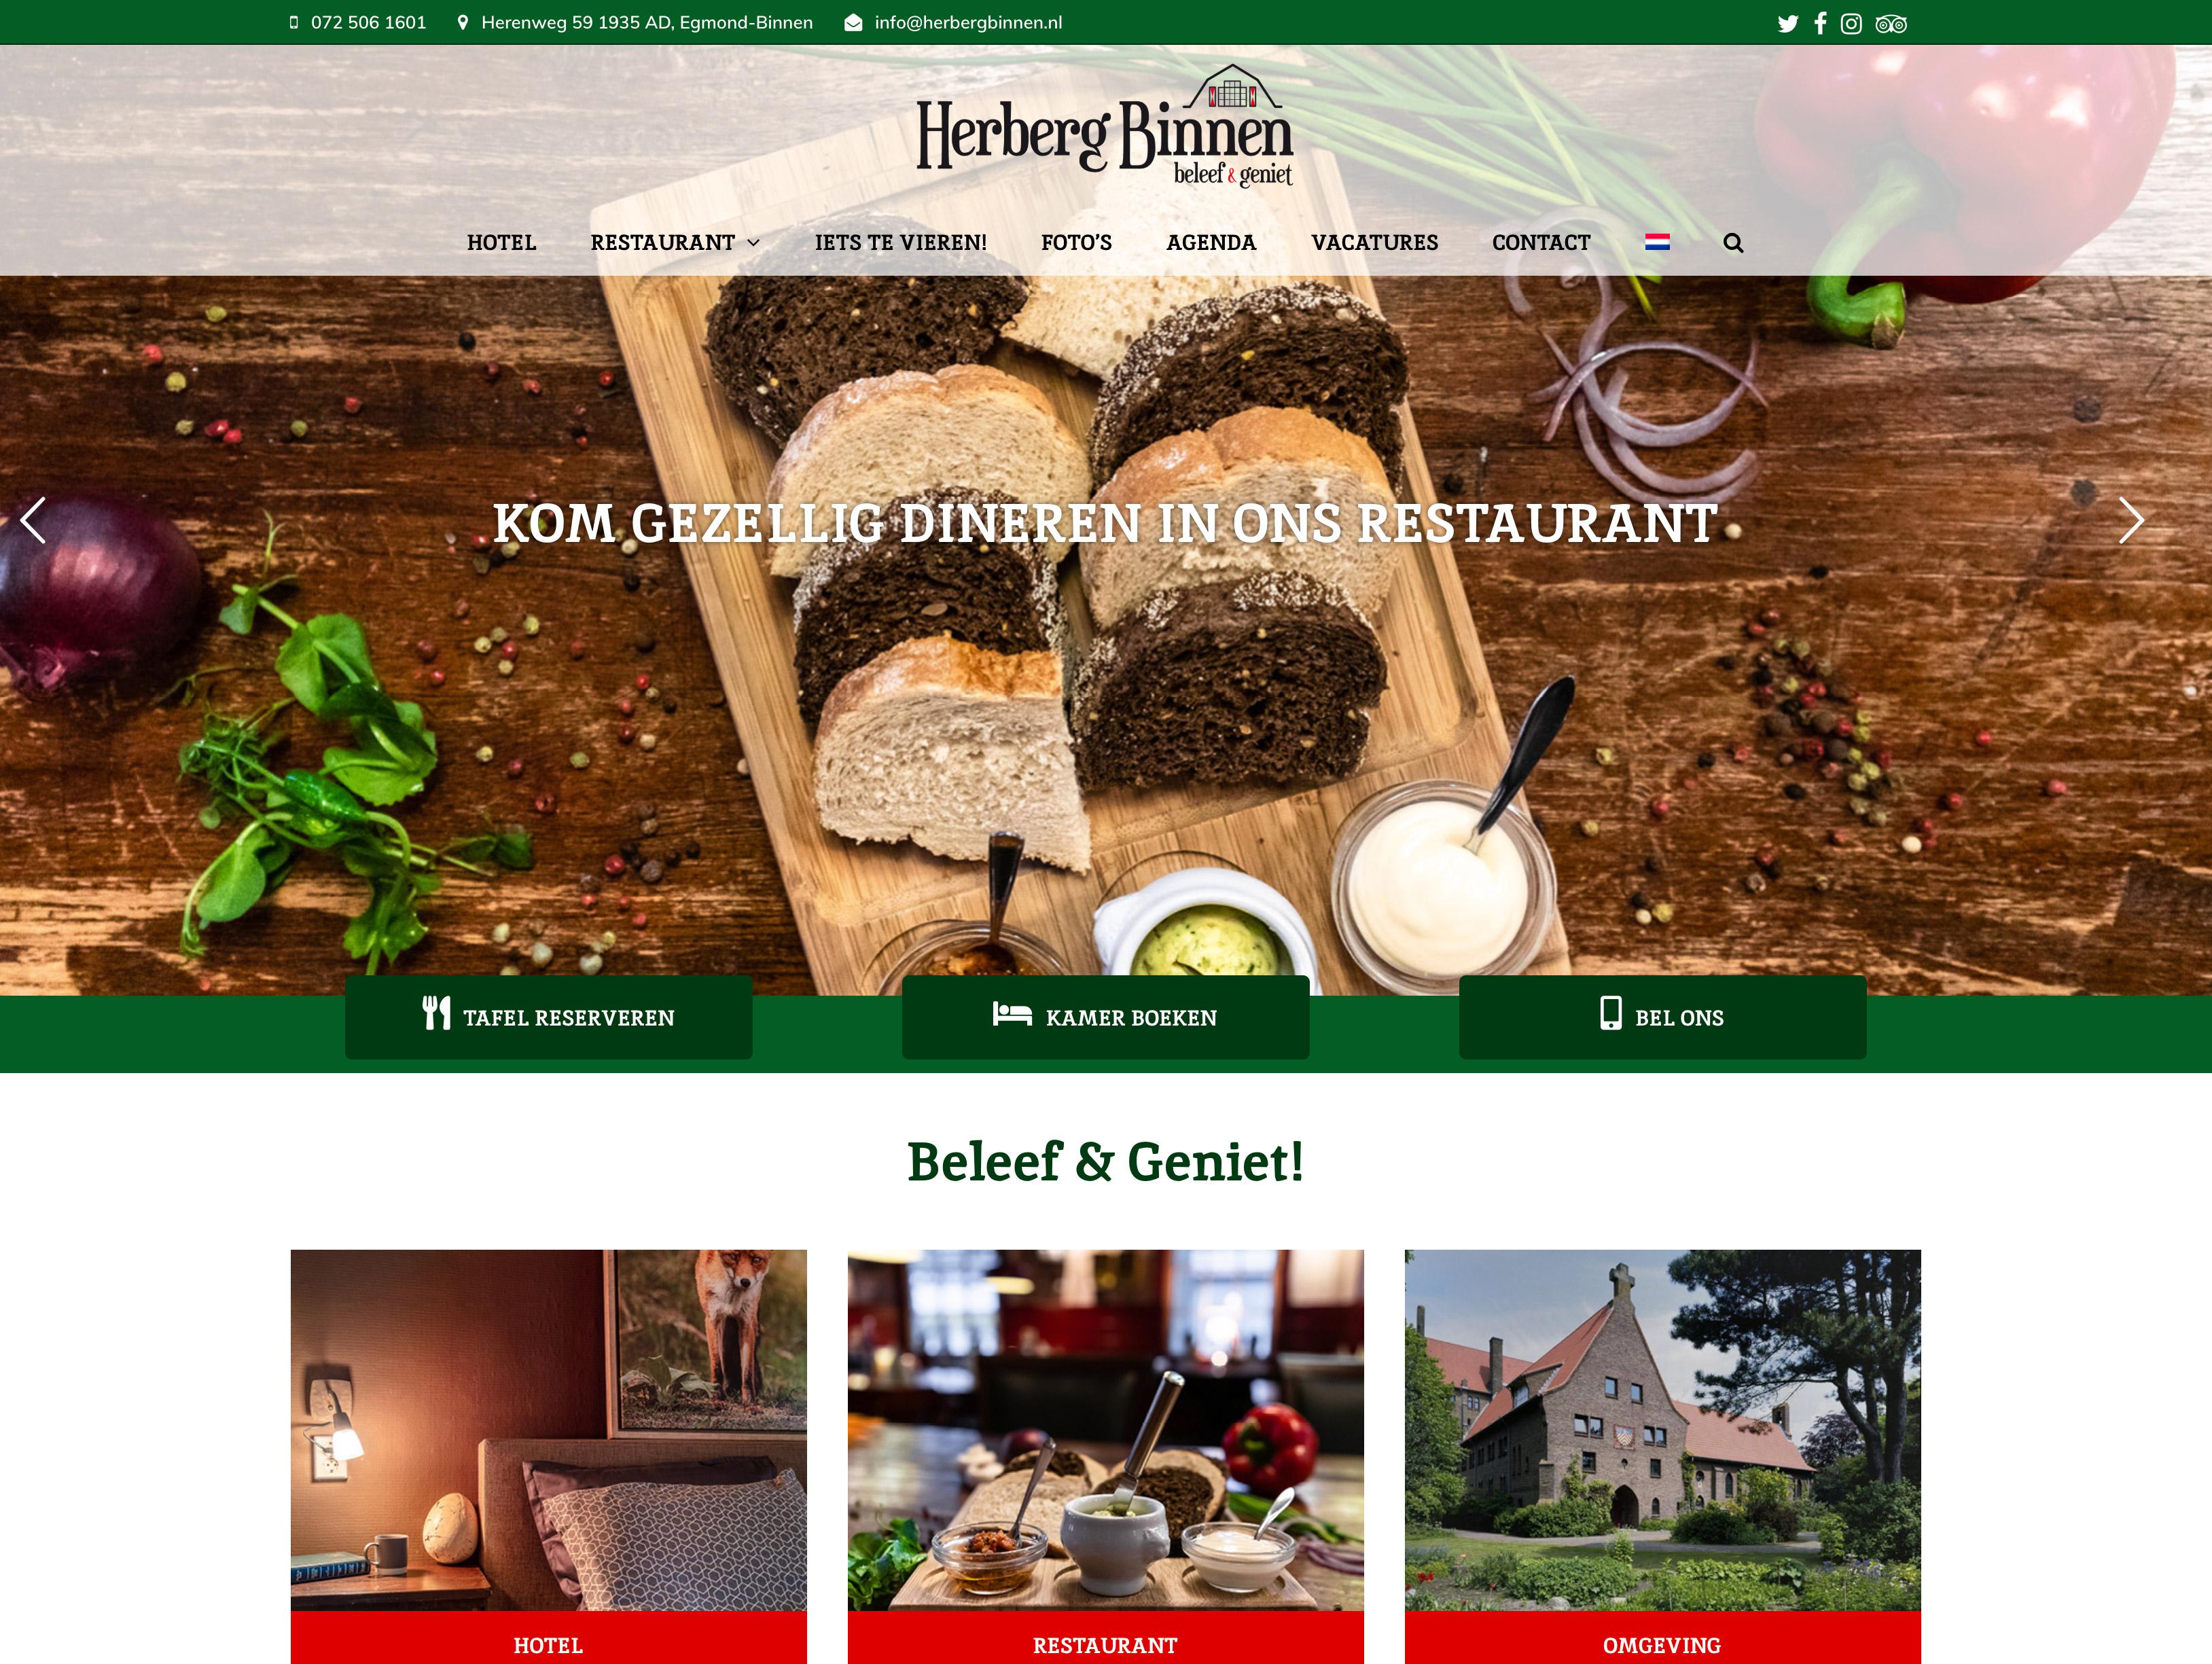 Neue Website Von Herberg Binnen Ist Live!